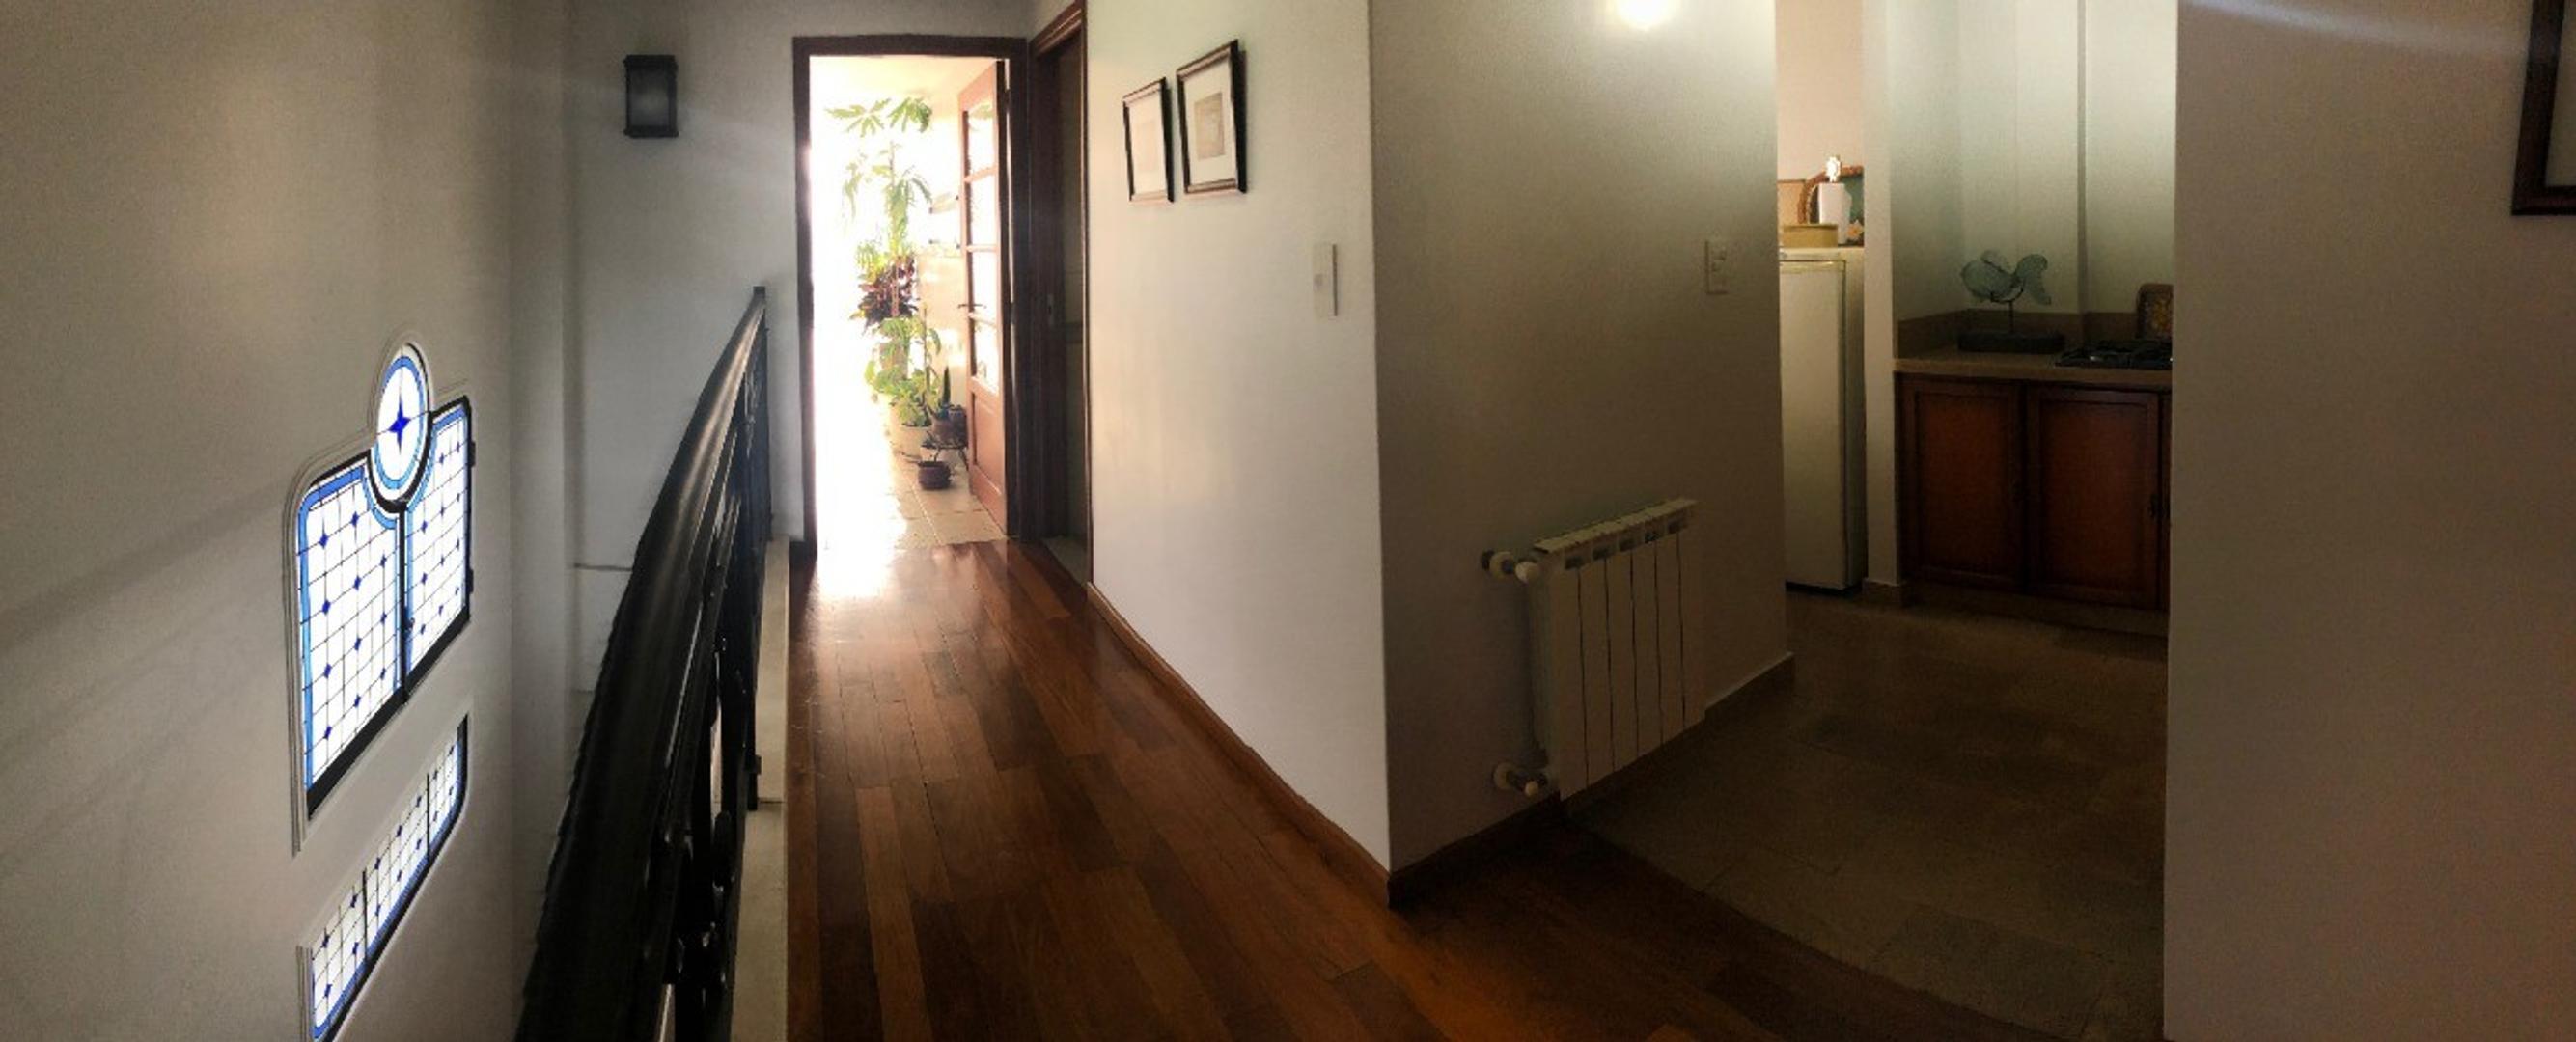 Departamento de 2 plantas completas - Foto 22